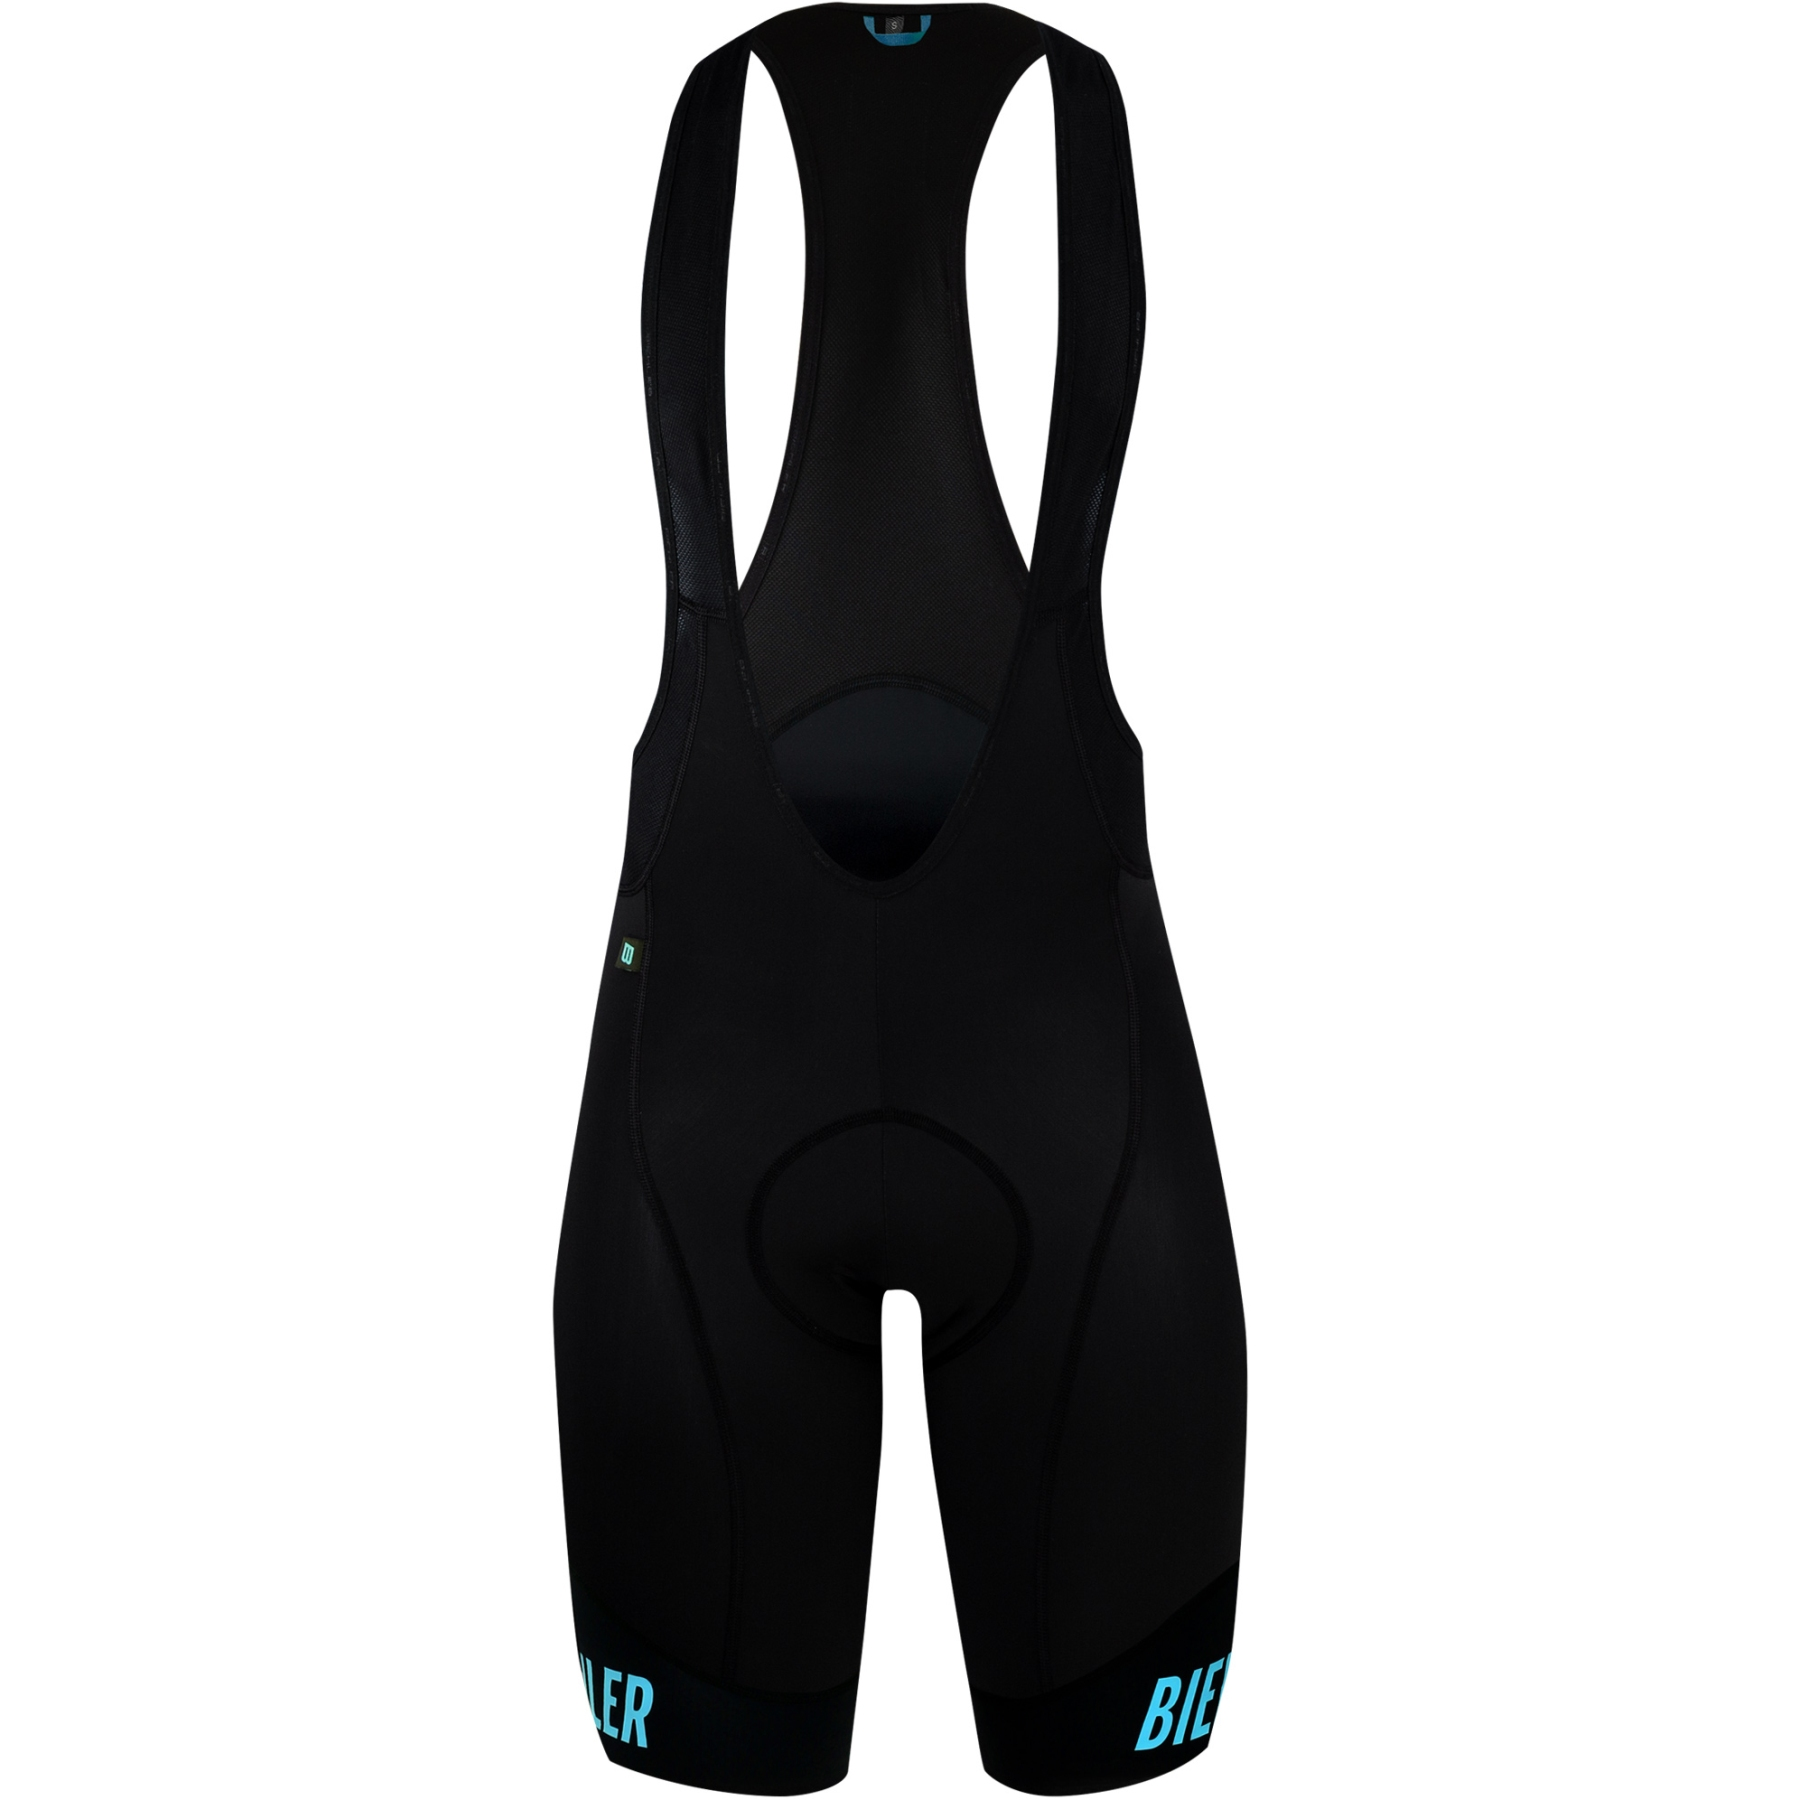 Biehler Essential Bib Shorts - black/biehler blue